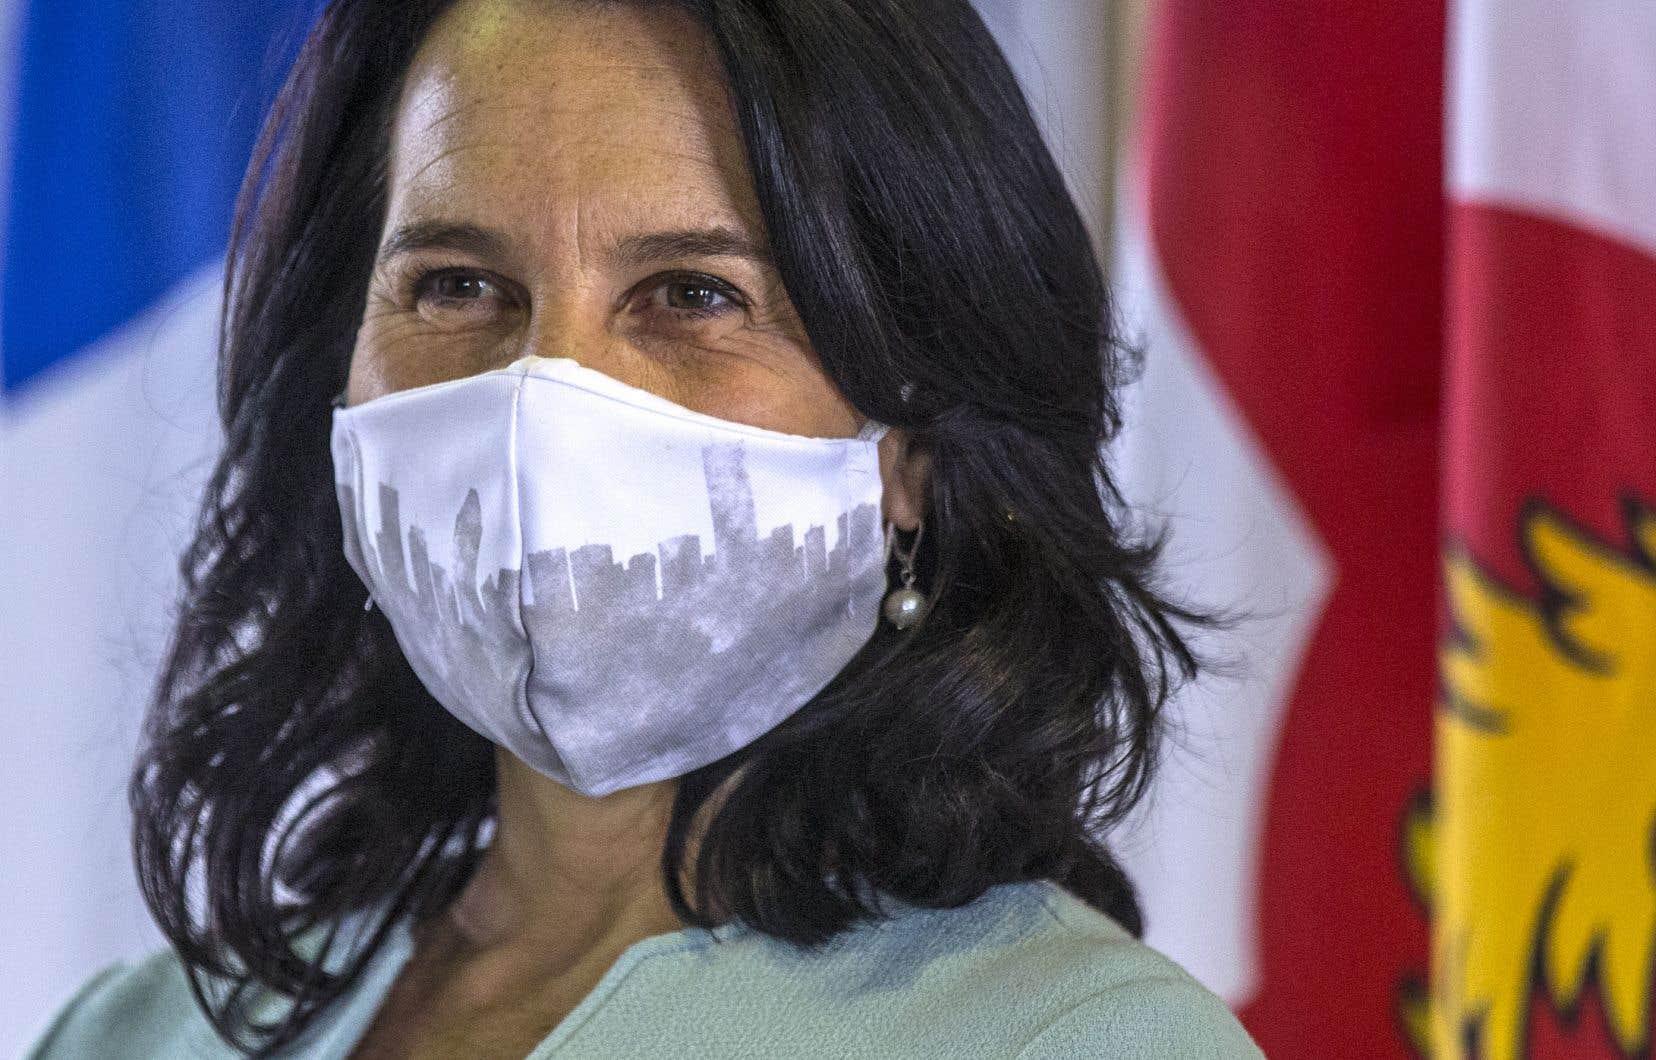 Malgré la pandémie,la mairesse estime que son administration a réussi à «garder le cap» sur la réalisation de la plateforme électorale sur laquelle elle s'est fait élire en 2017.